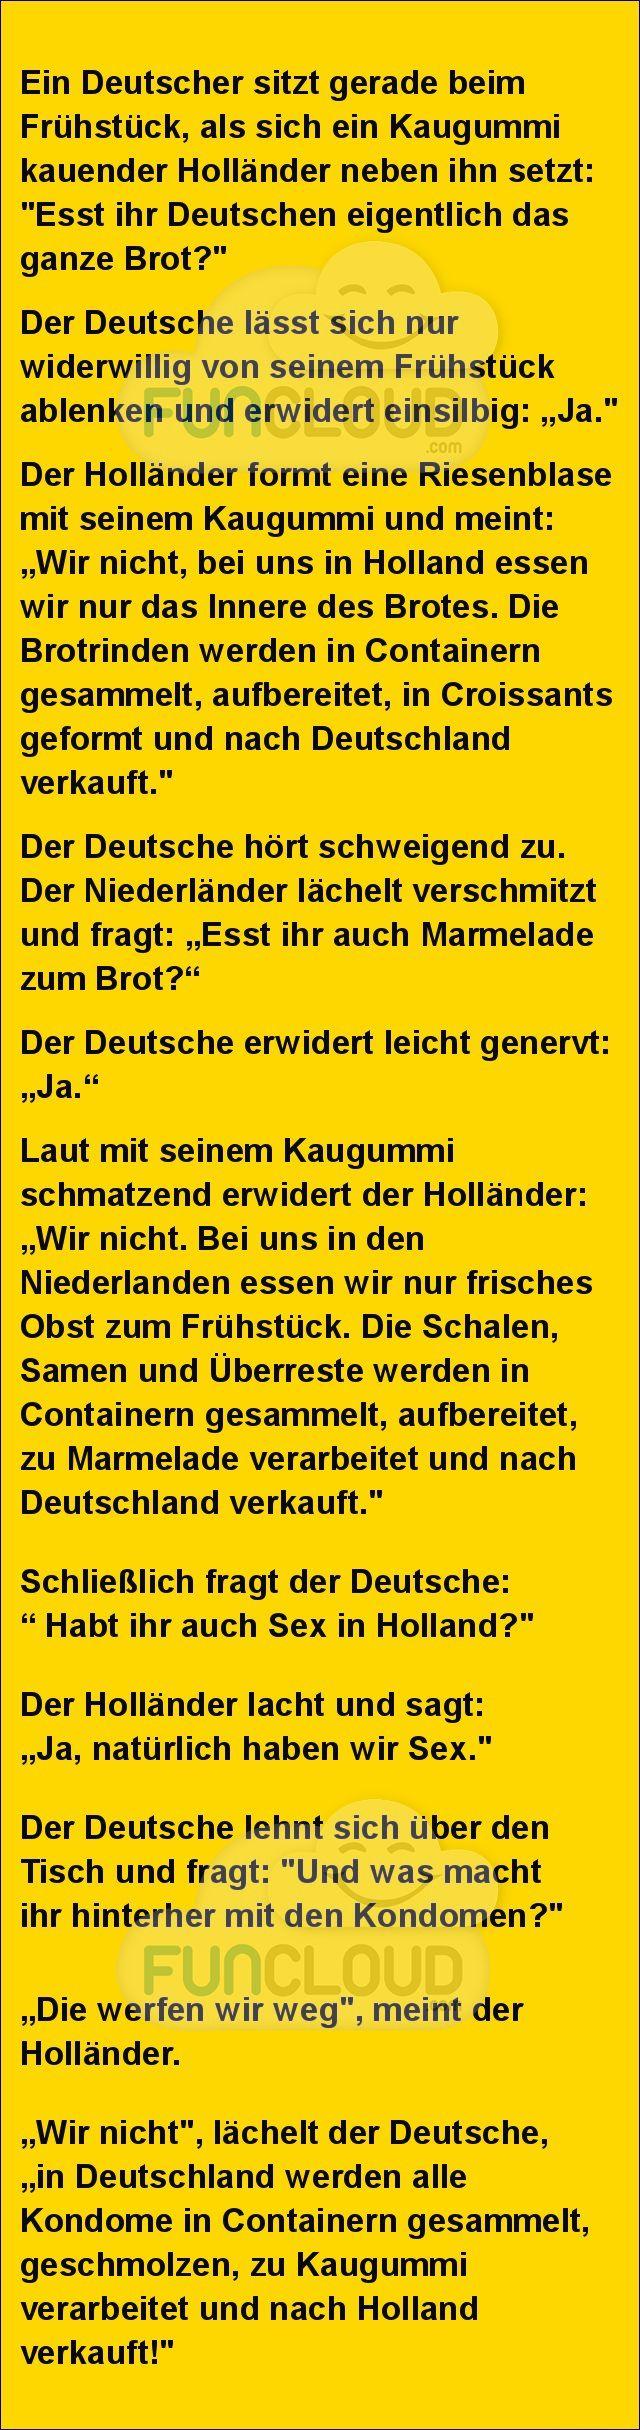 Esst ihr Deutschen eigentlich das ganze Brot? - spruchwerkstatt des Tages…